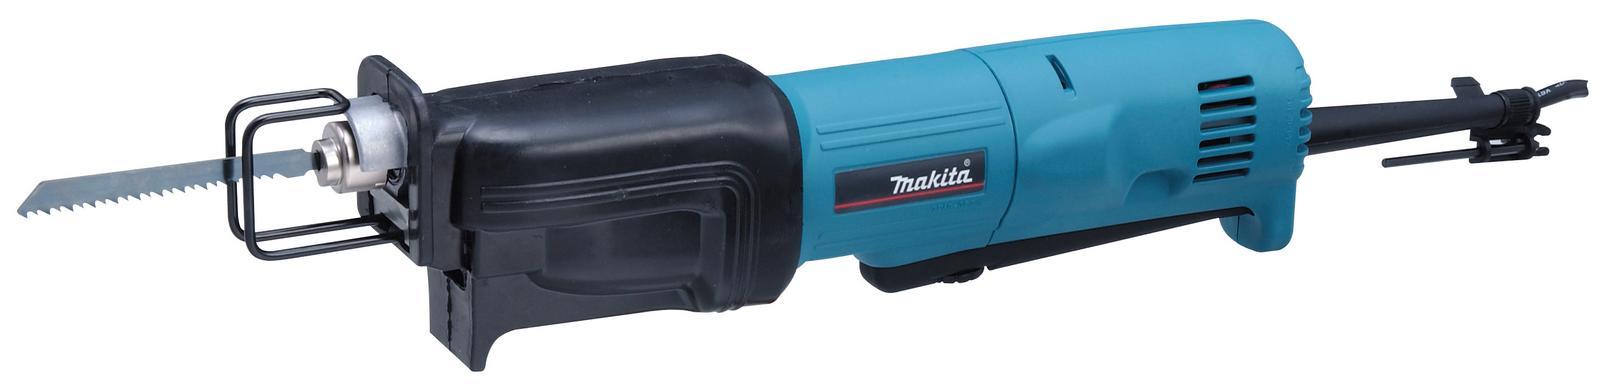 【マキタ MAKITA】 JR1000FTK 小型レシプロソー ブレード10種類、ケース付